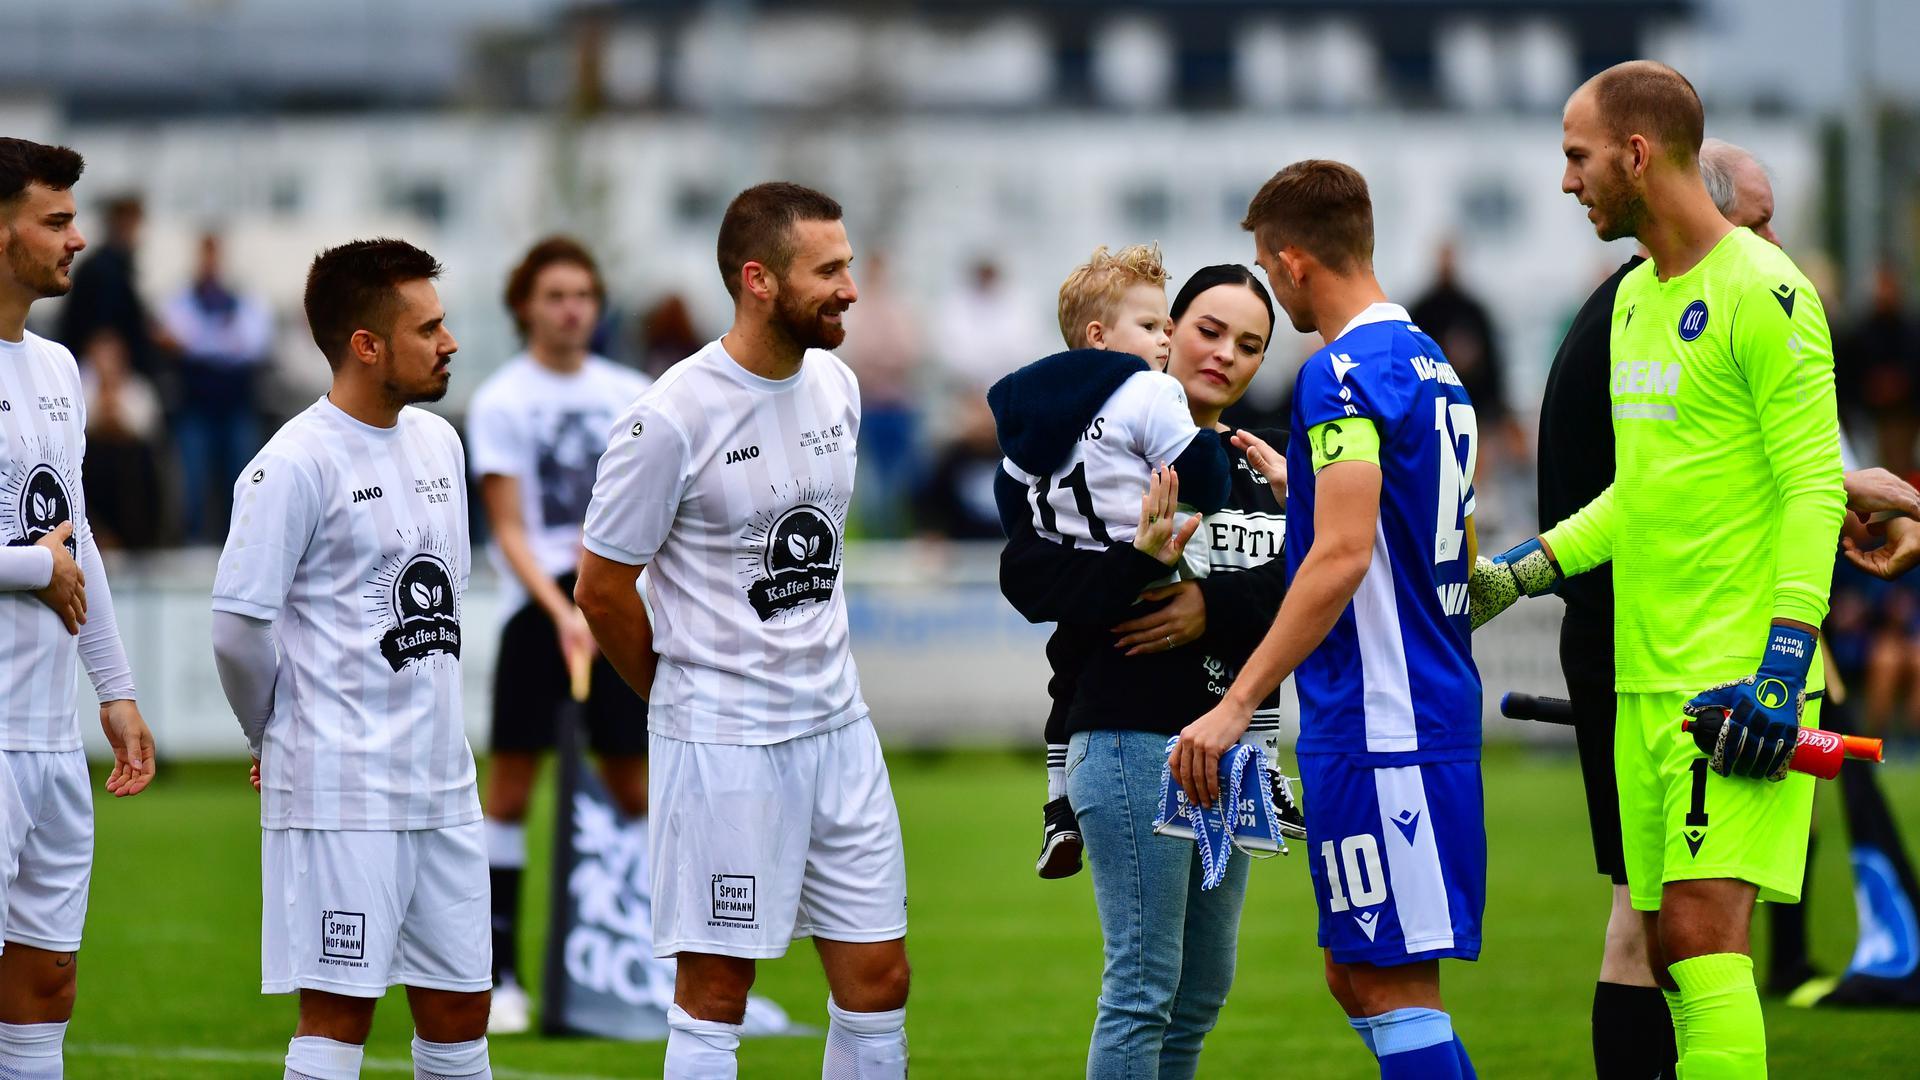 Emotionale Momente vor Anpfiff: Romina Hodzic geht mit Sohn Malik vom Platz. Der KSC um Marvin Wanitzek und Torwart Markus Kuster spielten danach gegen Amateure, um Geld für die Familie einzuspielen.